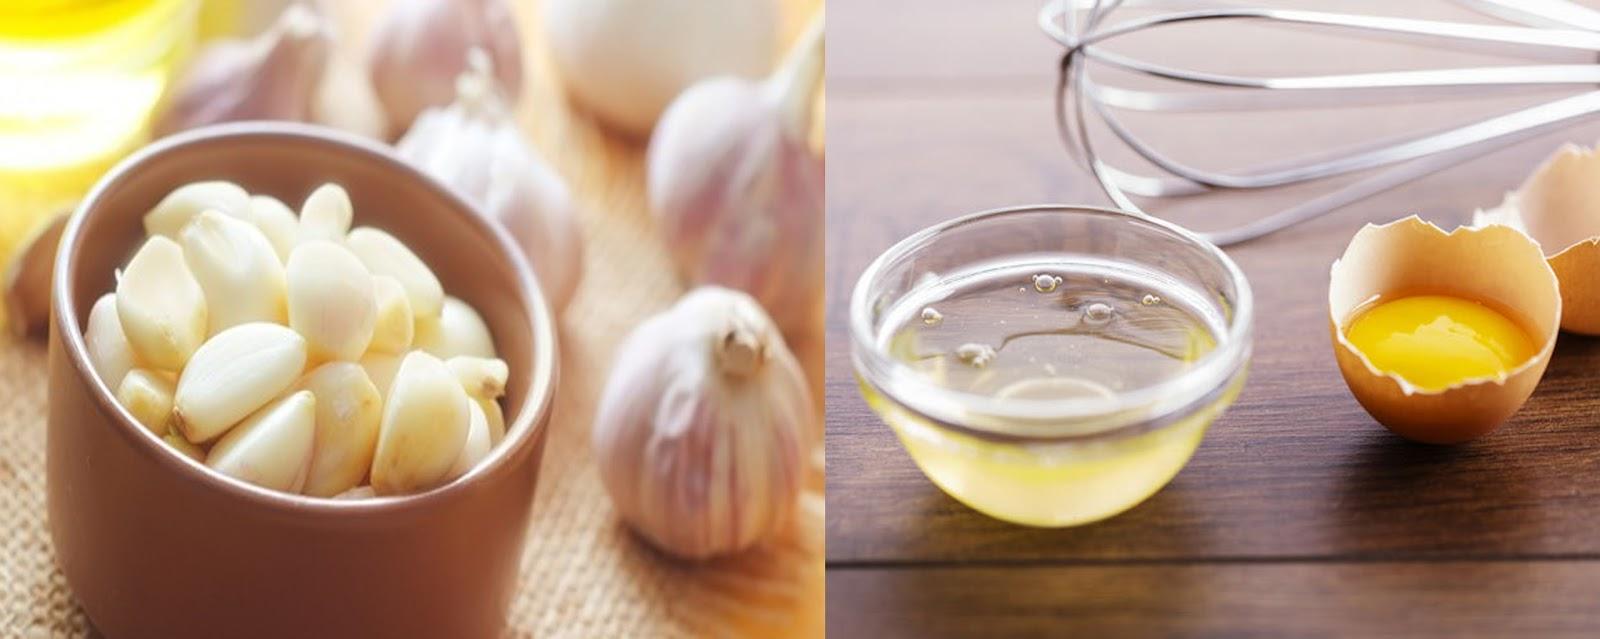 Image result for gambar bawang putih yang sudah dibuat jadi masker